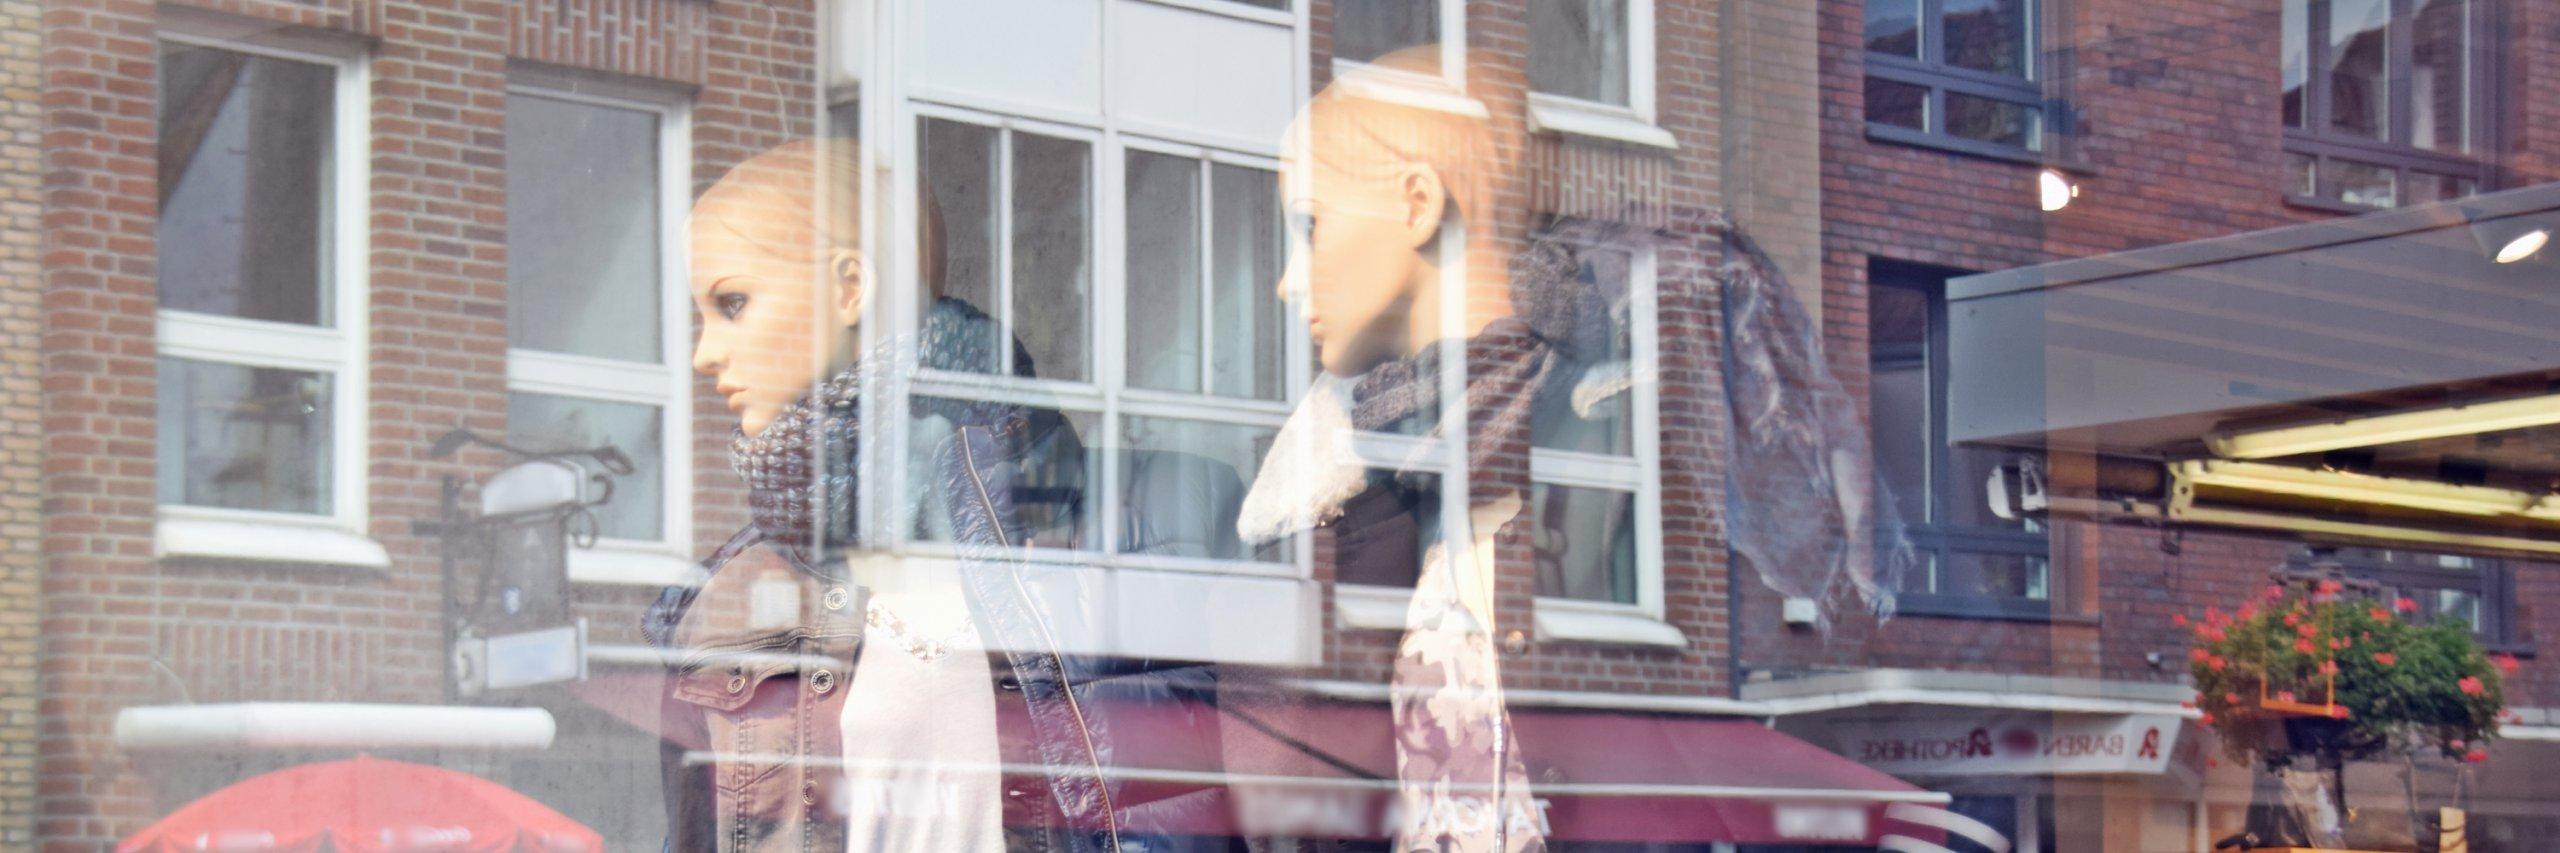 Schaufensterpuppen